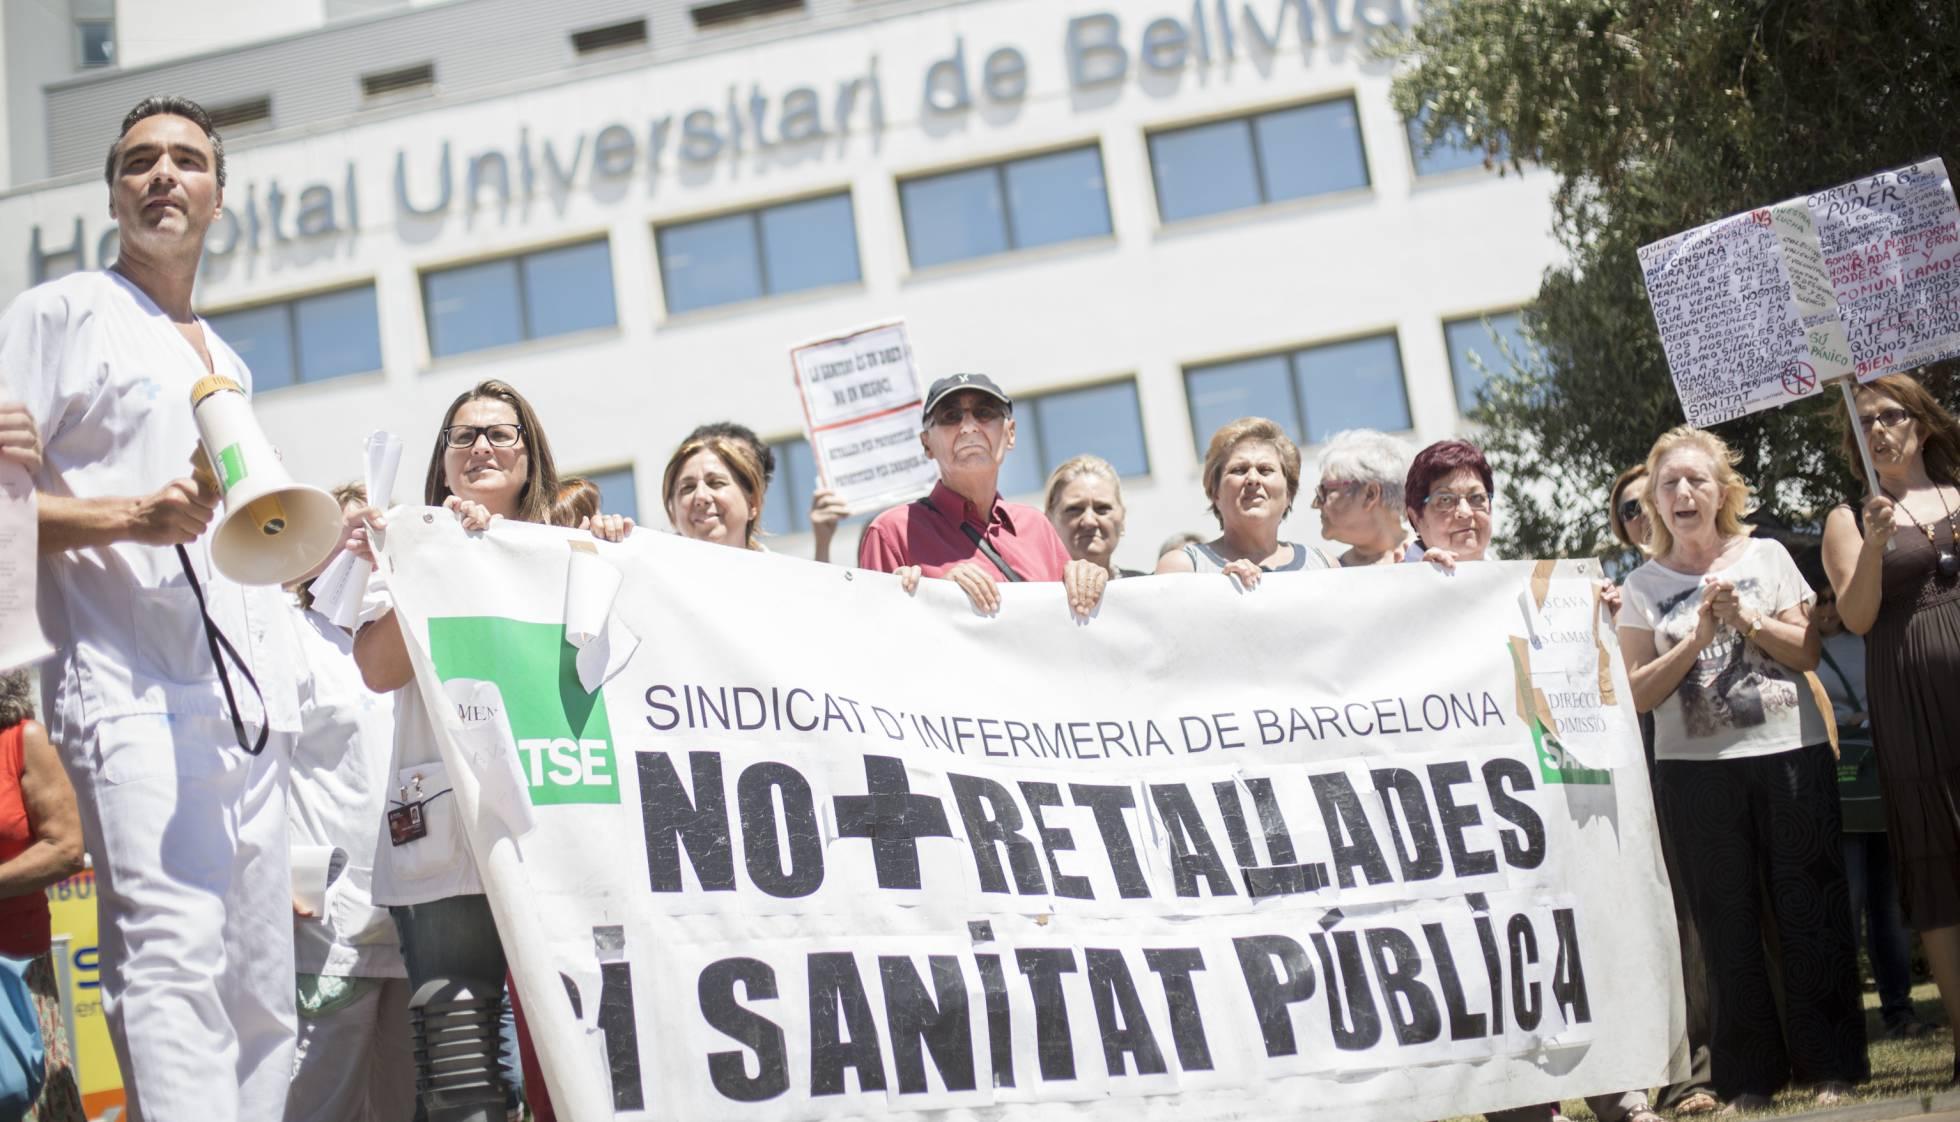 Manifestació a l'hospital de Bellvitge de Barcelona el 2014 Massimiliano Minocri